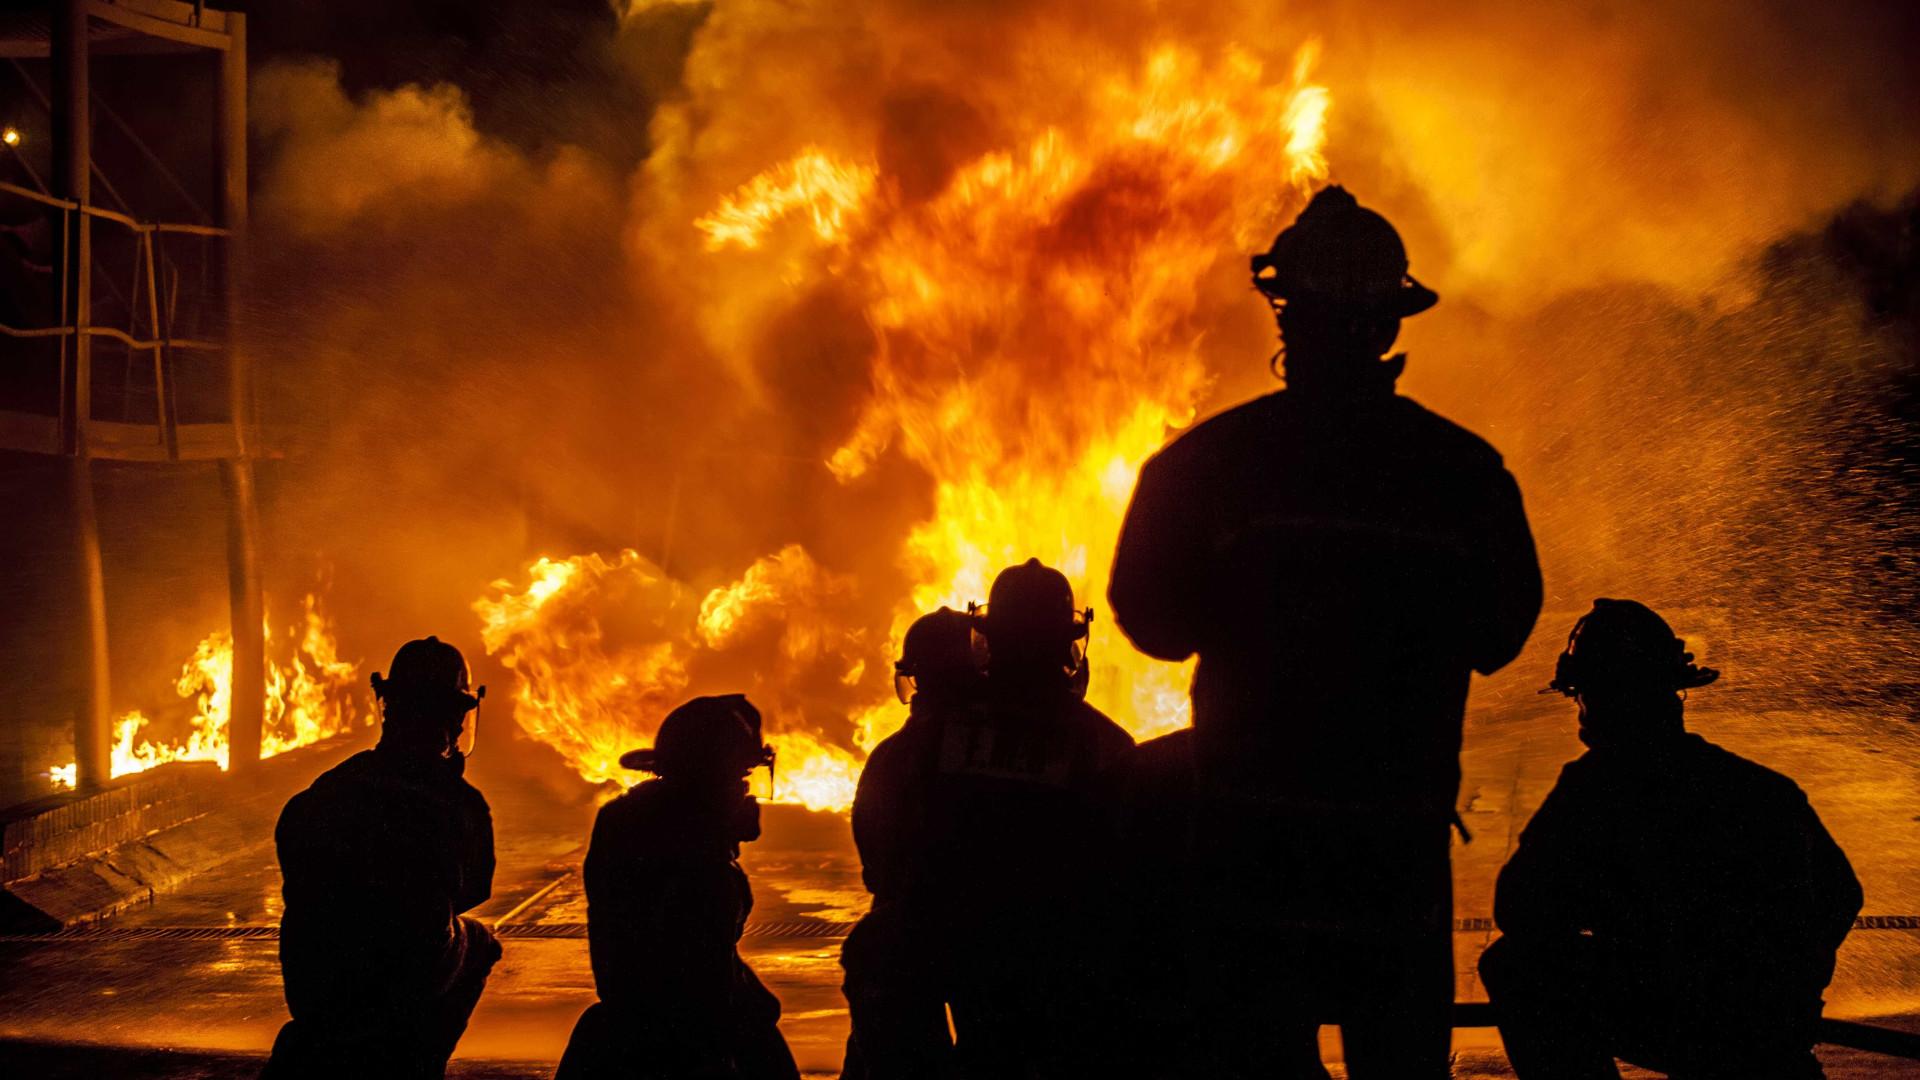 500 fogos, 31 mortos, estado de calamidade e ministra não se demite